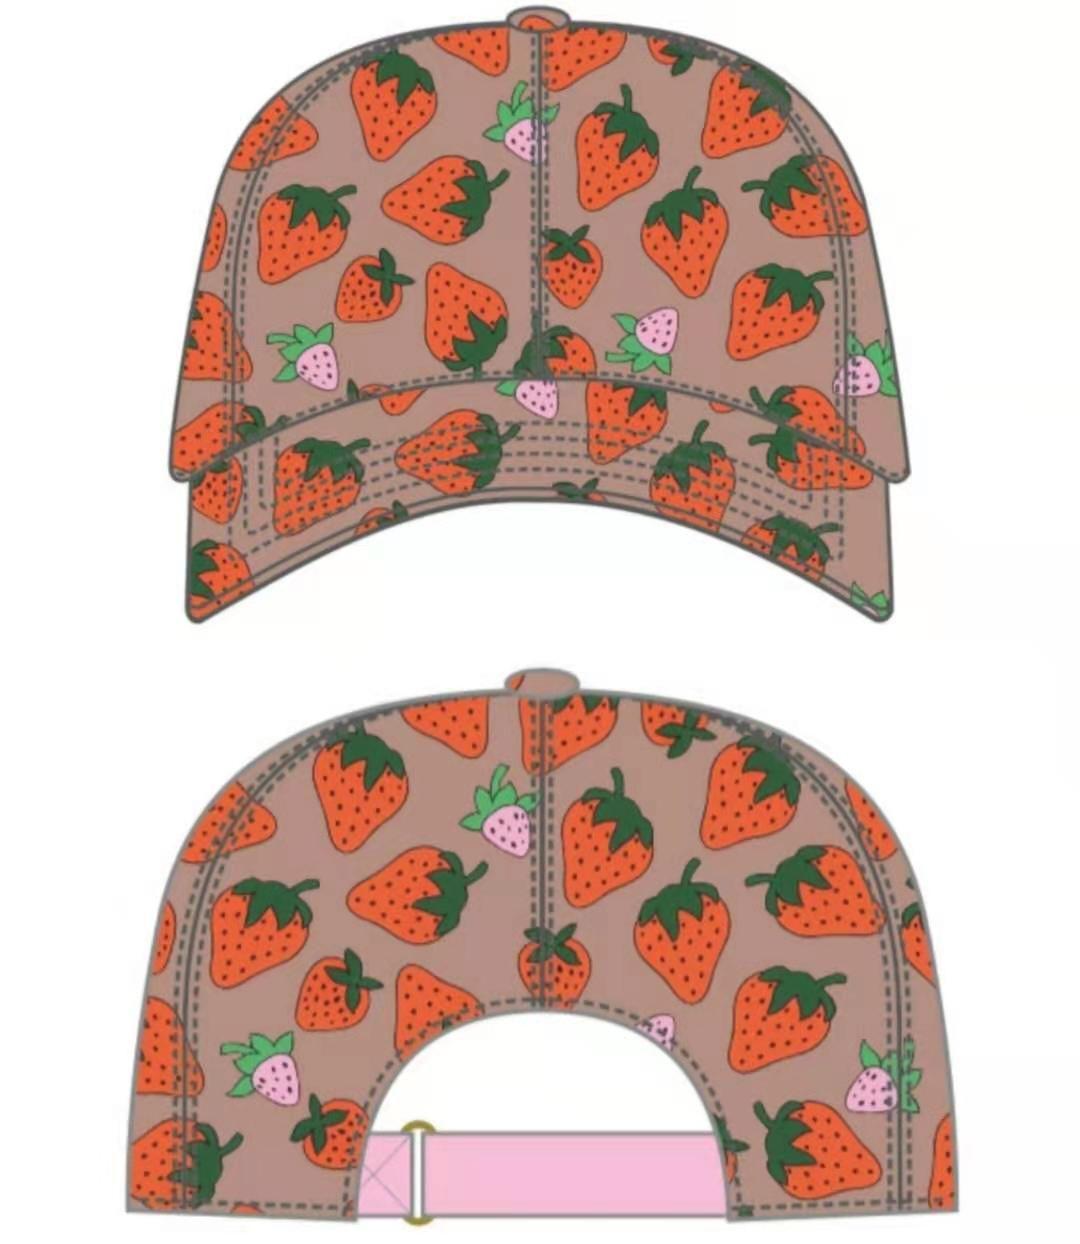 Hight Quality Strawberry Baseball Casquettes Coton Cactus Lettre Caps Casquettes Été Femmes Sun Chapeaux Extérieur Ajustable Hommes Caps Caps Snap Snapback Cap